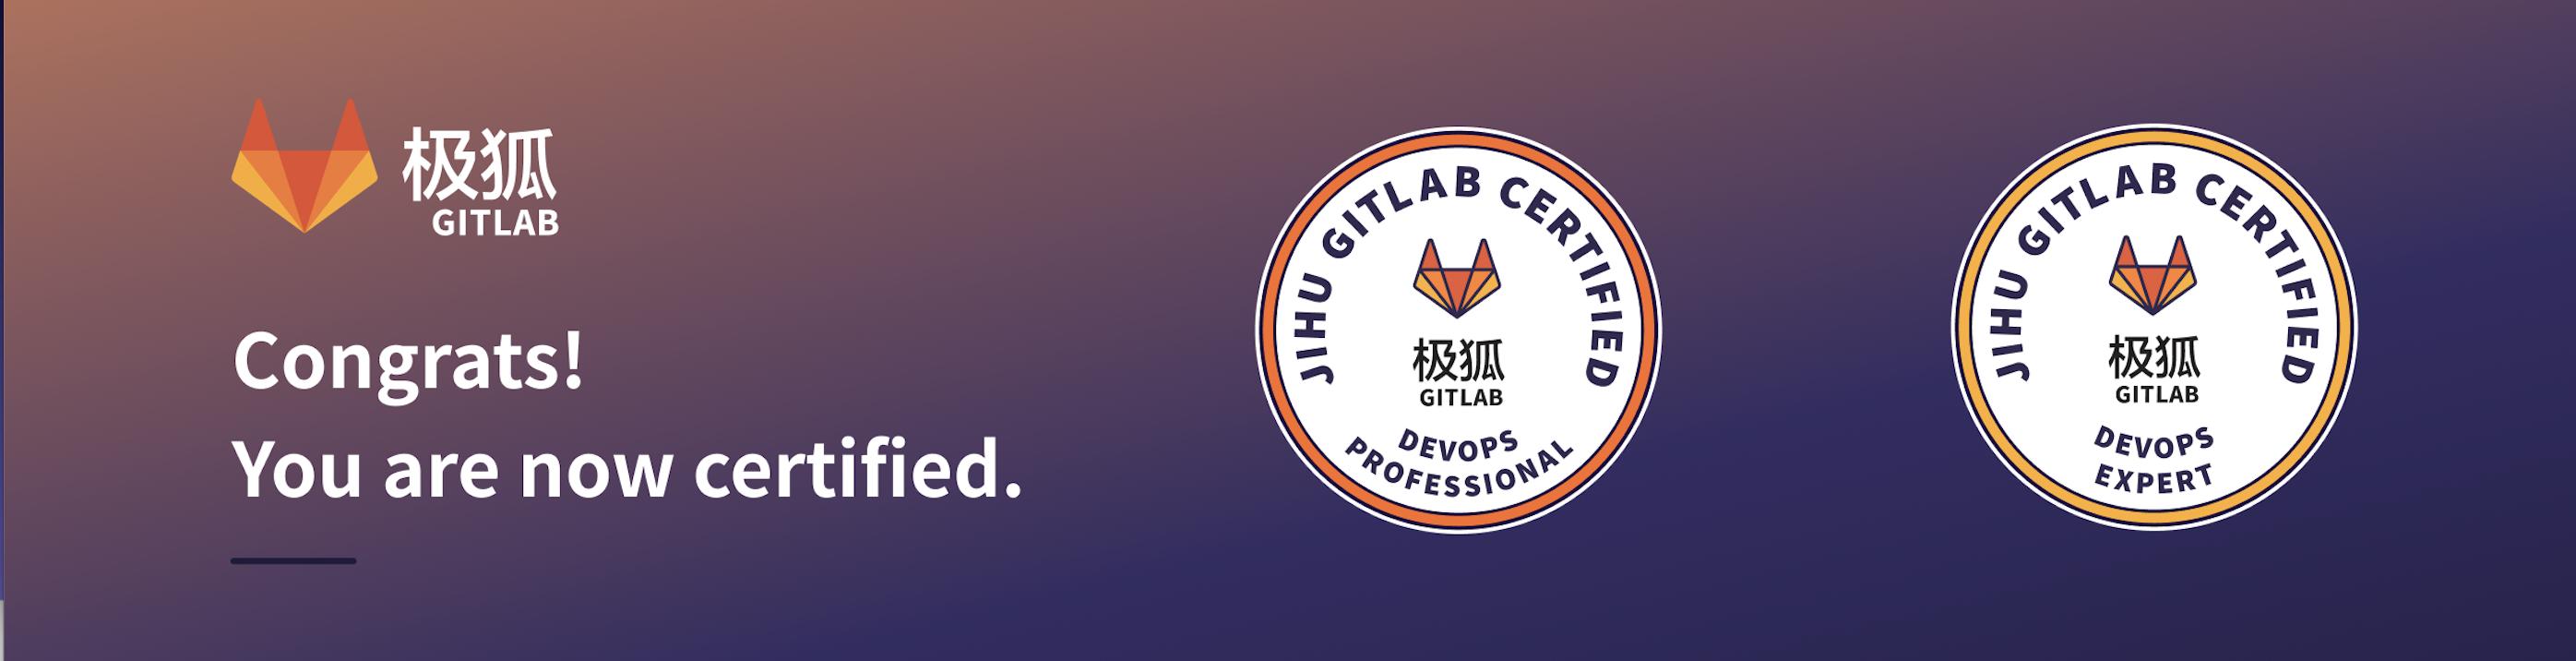 极狐(GitLab)开课了!实践进阶五步走,助你成为DevOps专家